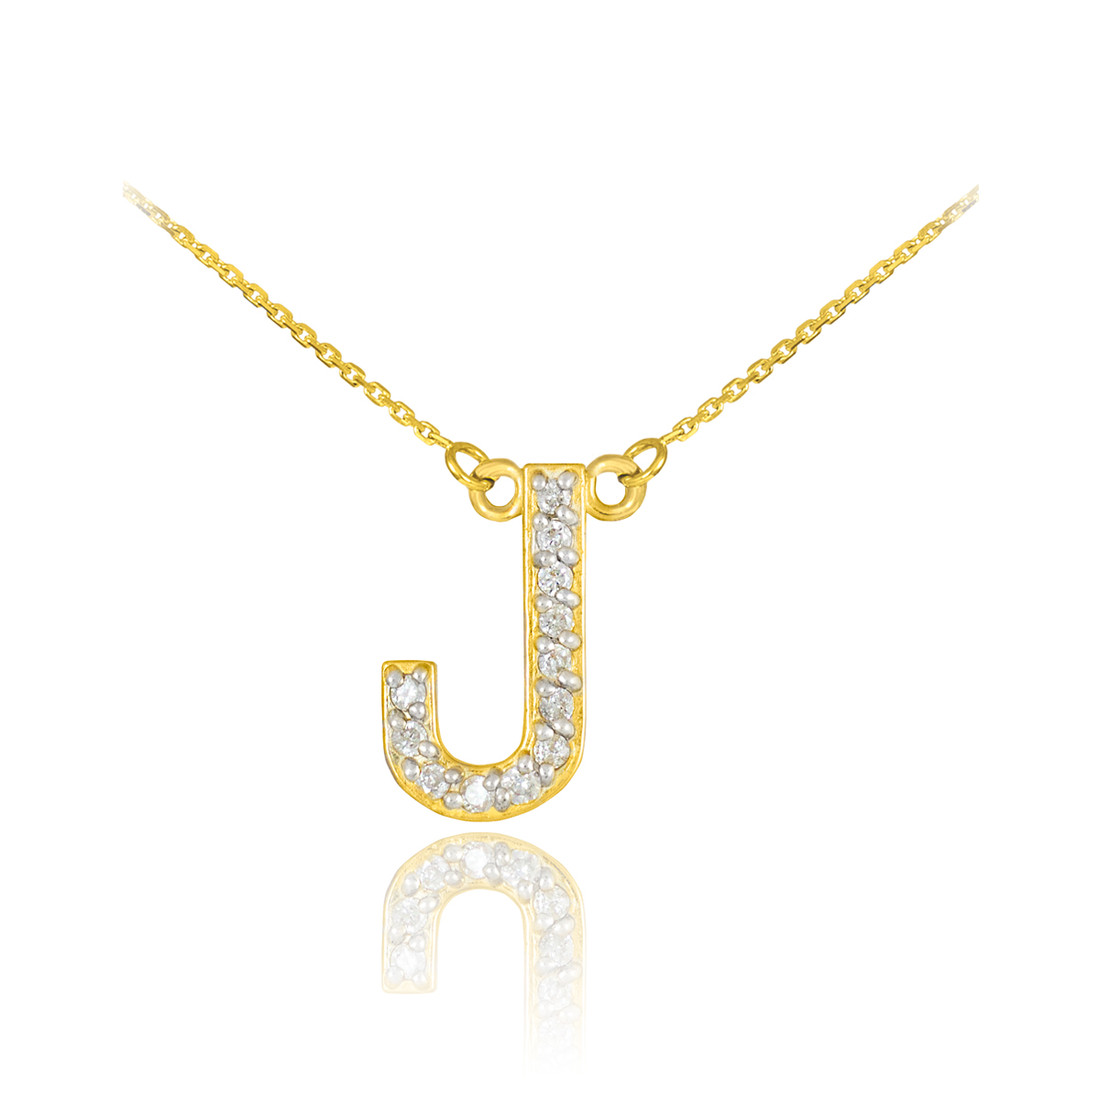 LA BLINGZ 10K Rose Gold Letter W Initial Pentagon Pendant Necklace